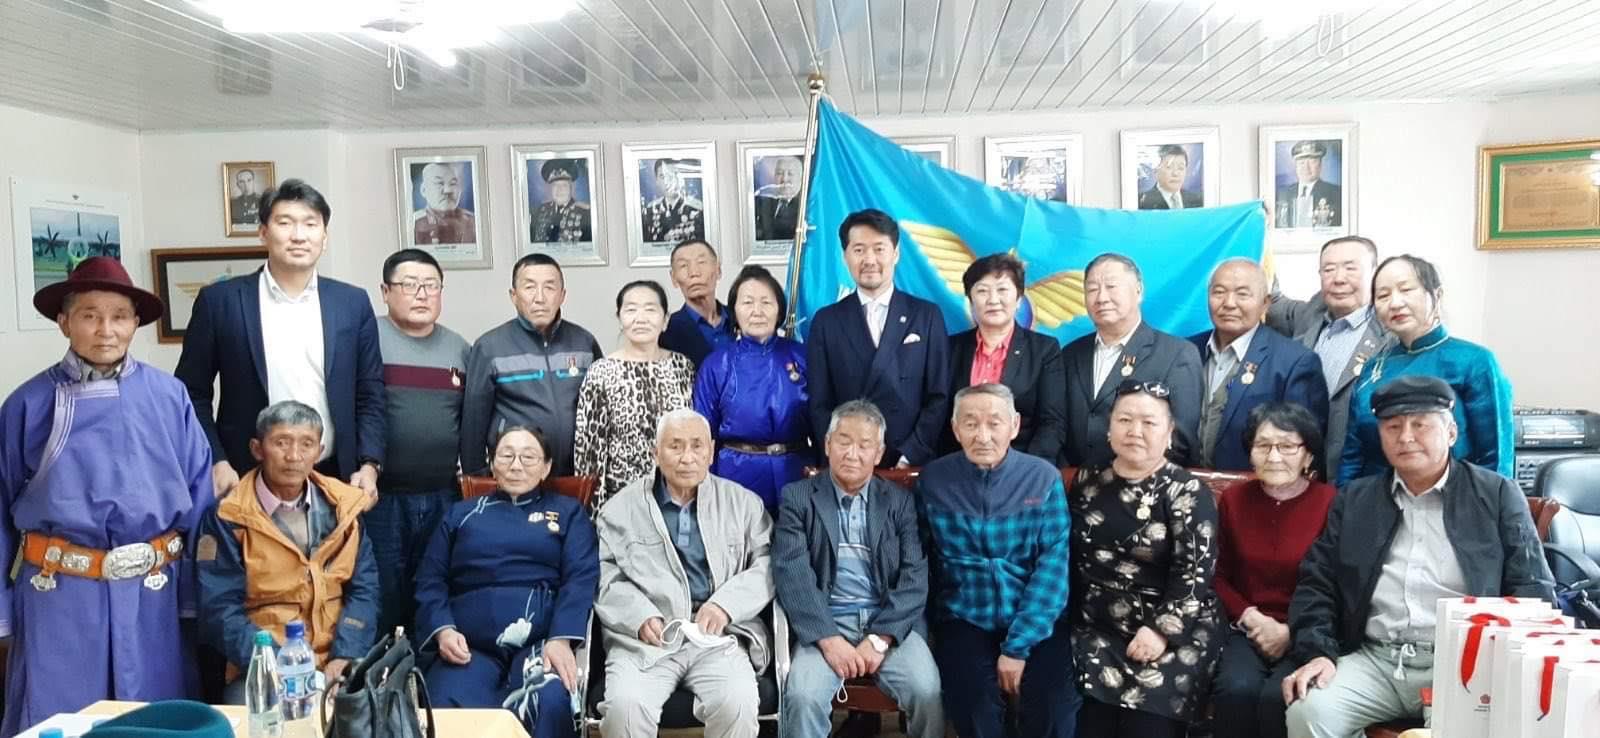 Иргэний нисэхийн ахмадуудаа МАН-ын 100 жилийн ойн медалиар шагналаа